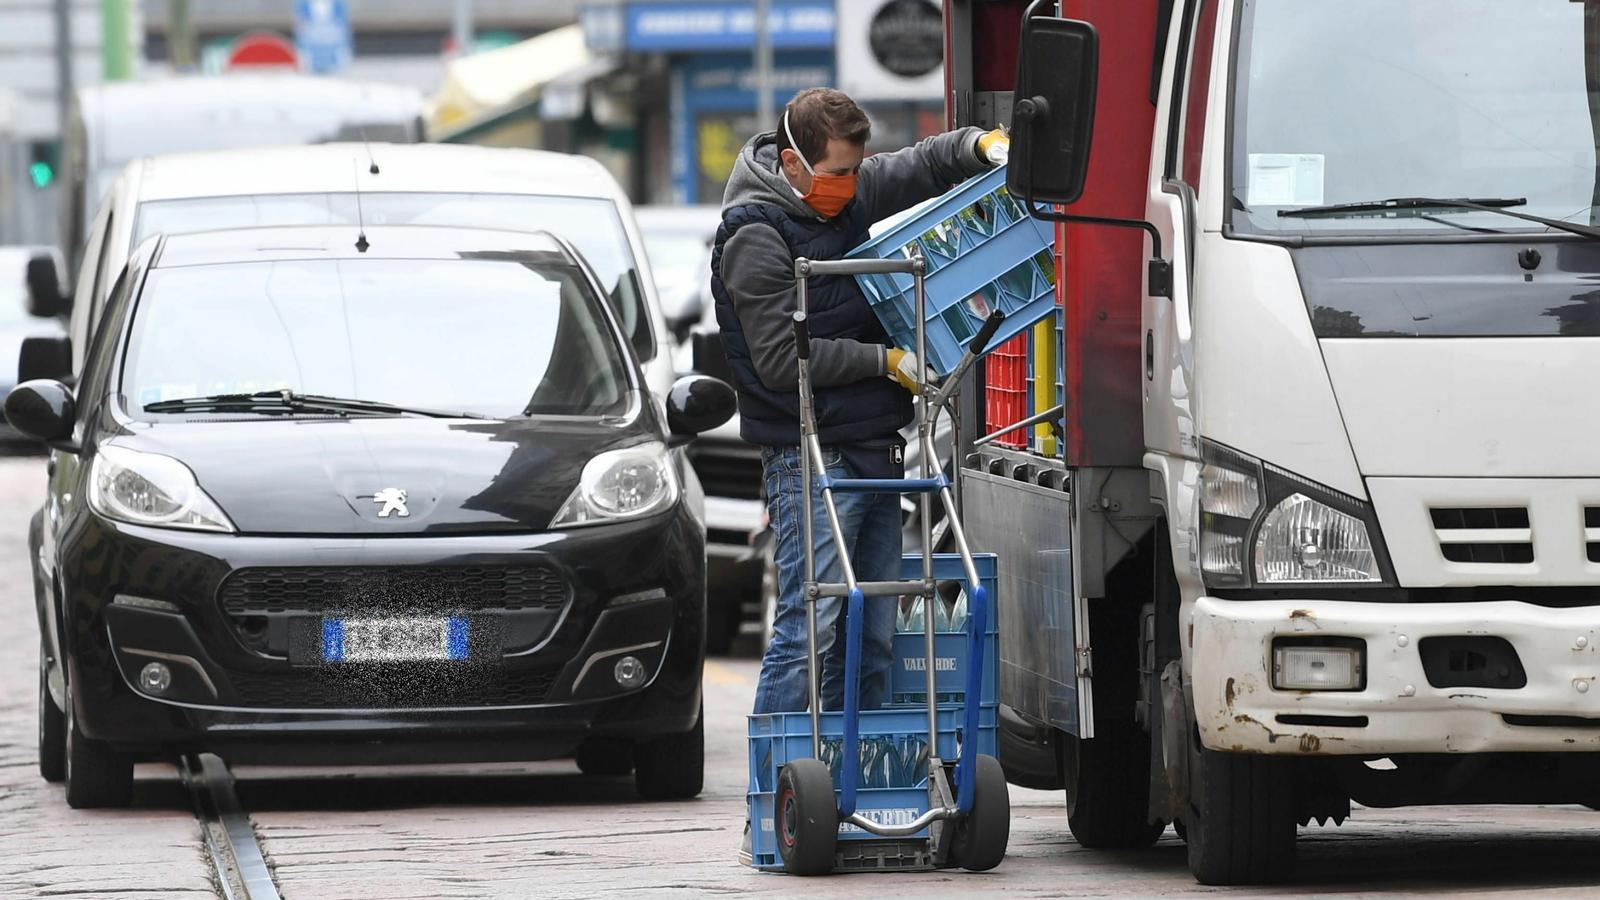 Un treballador amb mascareta descarrega ampolles d'un camió a Milà